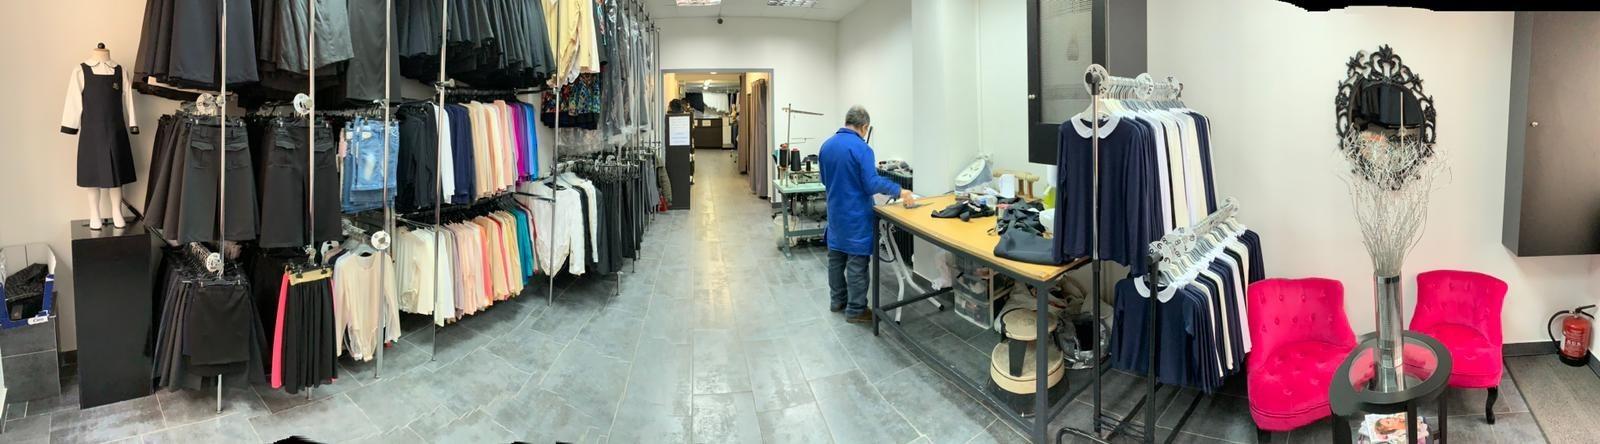 N'hésitez pas à venir visiter notre showroom L'ORA MODE 124 bis avenue de Flandre 75019 Paris tel (+33) 1 42 05 81 30